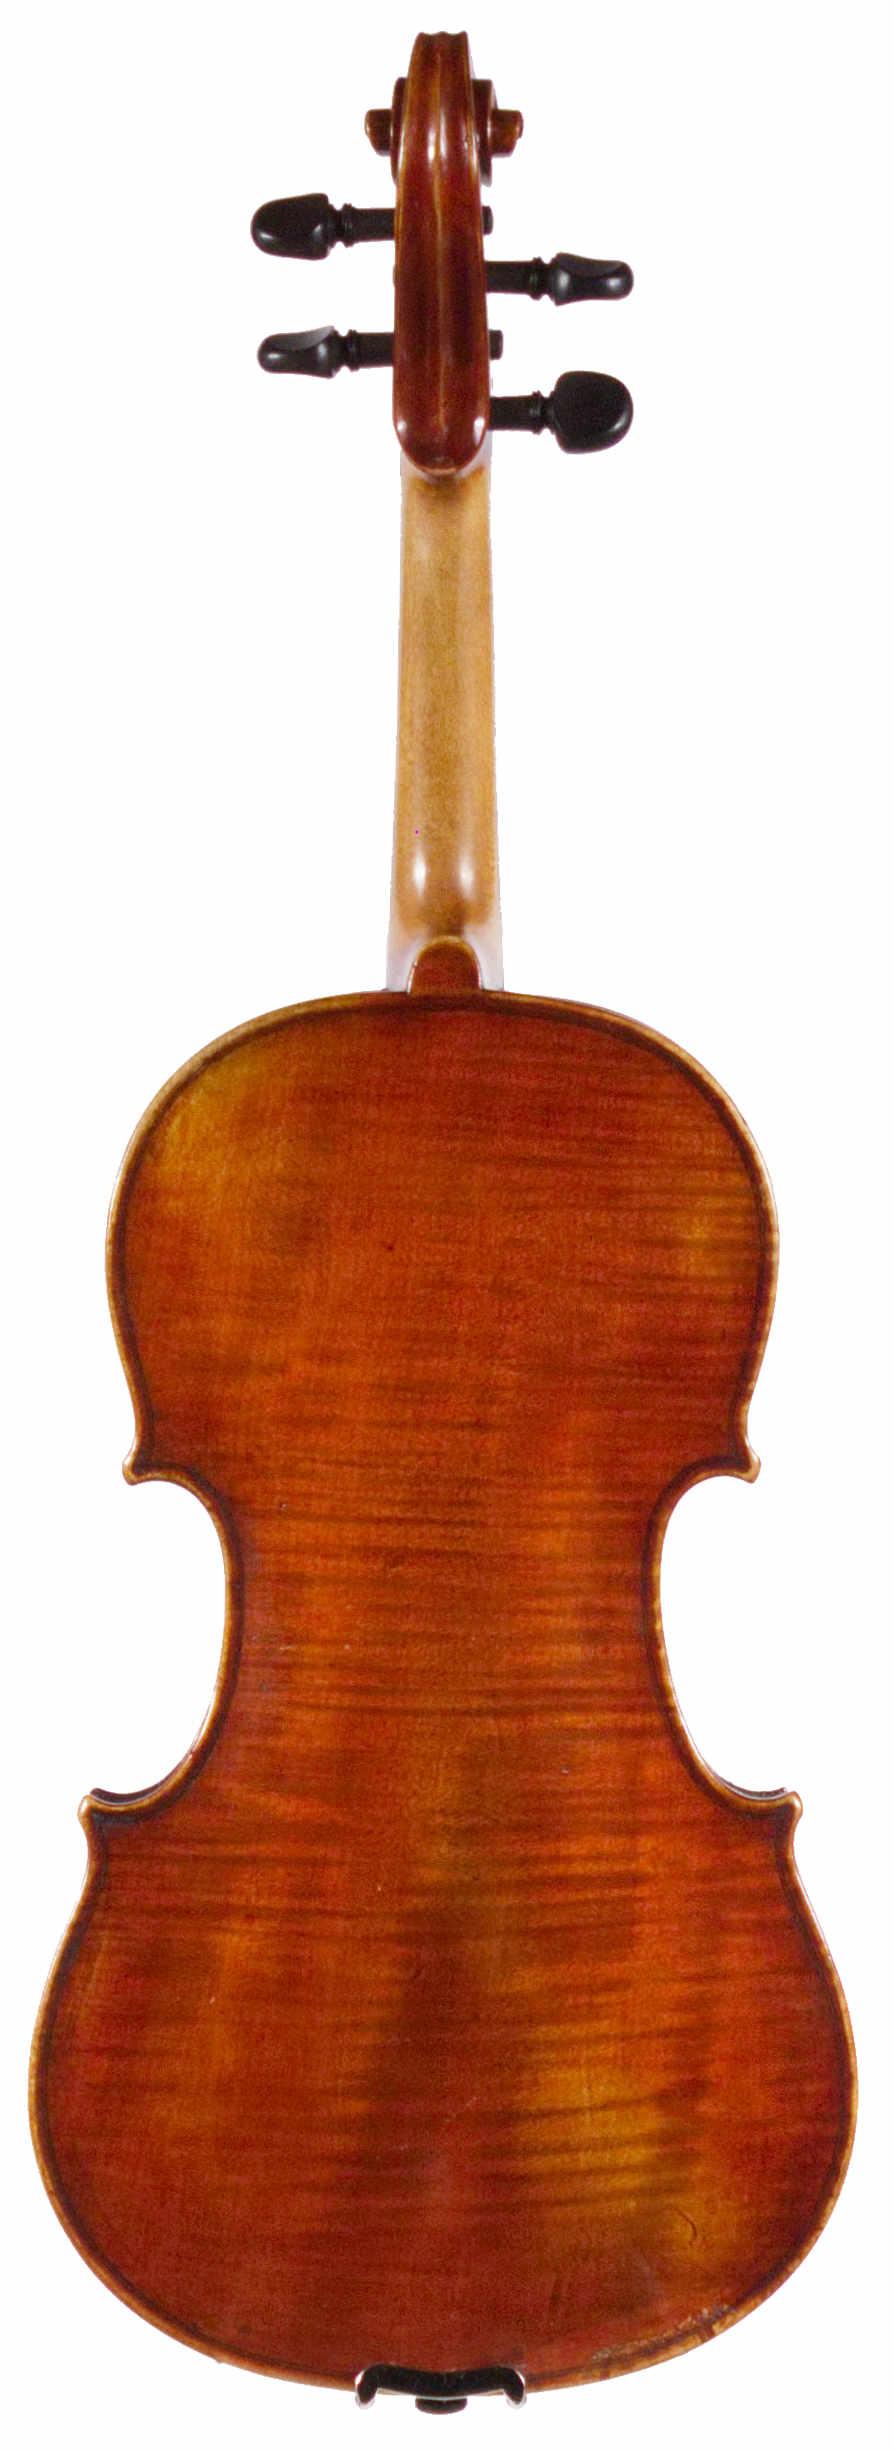 Dalaglio violin